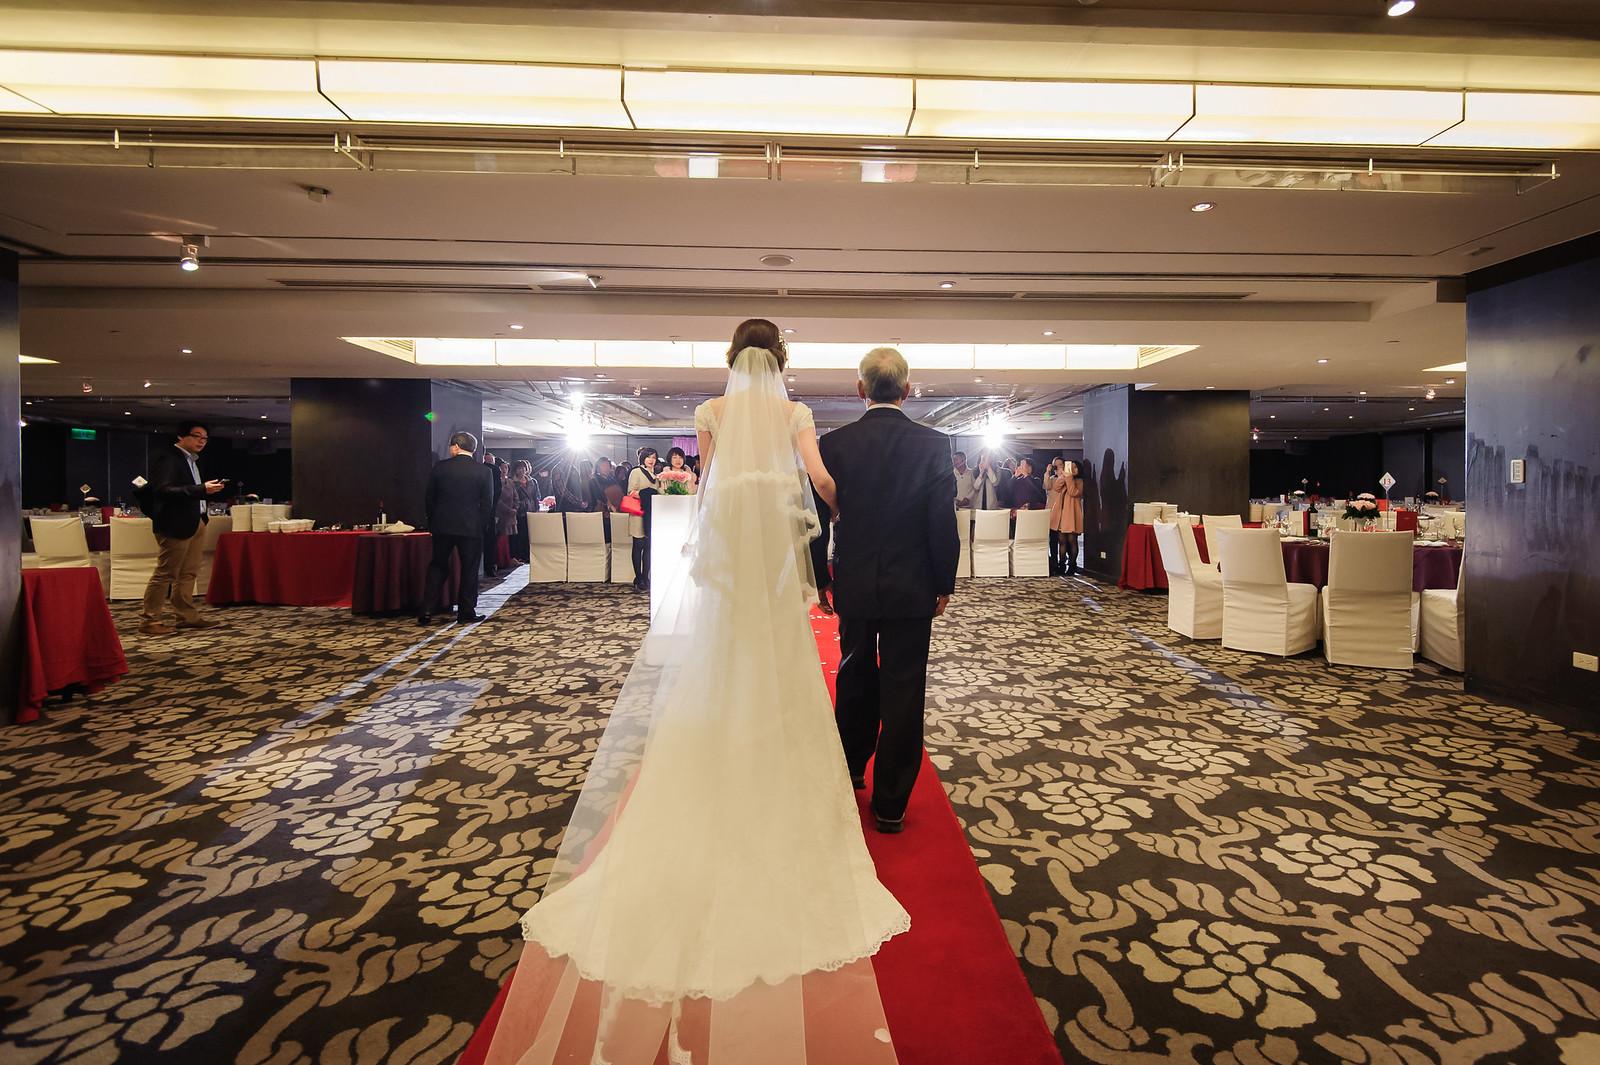 台北婚攝, 婚禮攝影, 婚攝, 婚攝守恆, 婚攝推薦, 晶華酒店, 晶華酒店婚宴, 晶華酒店婚攝-27